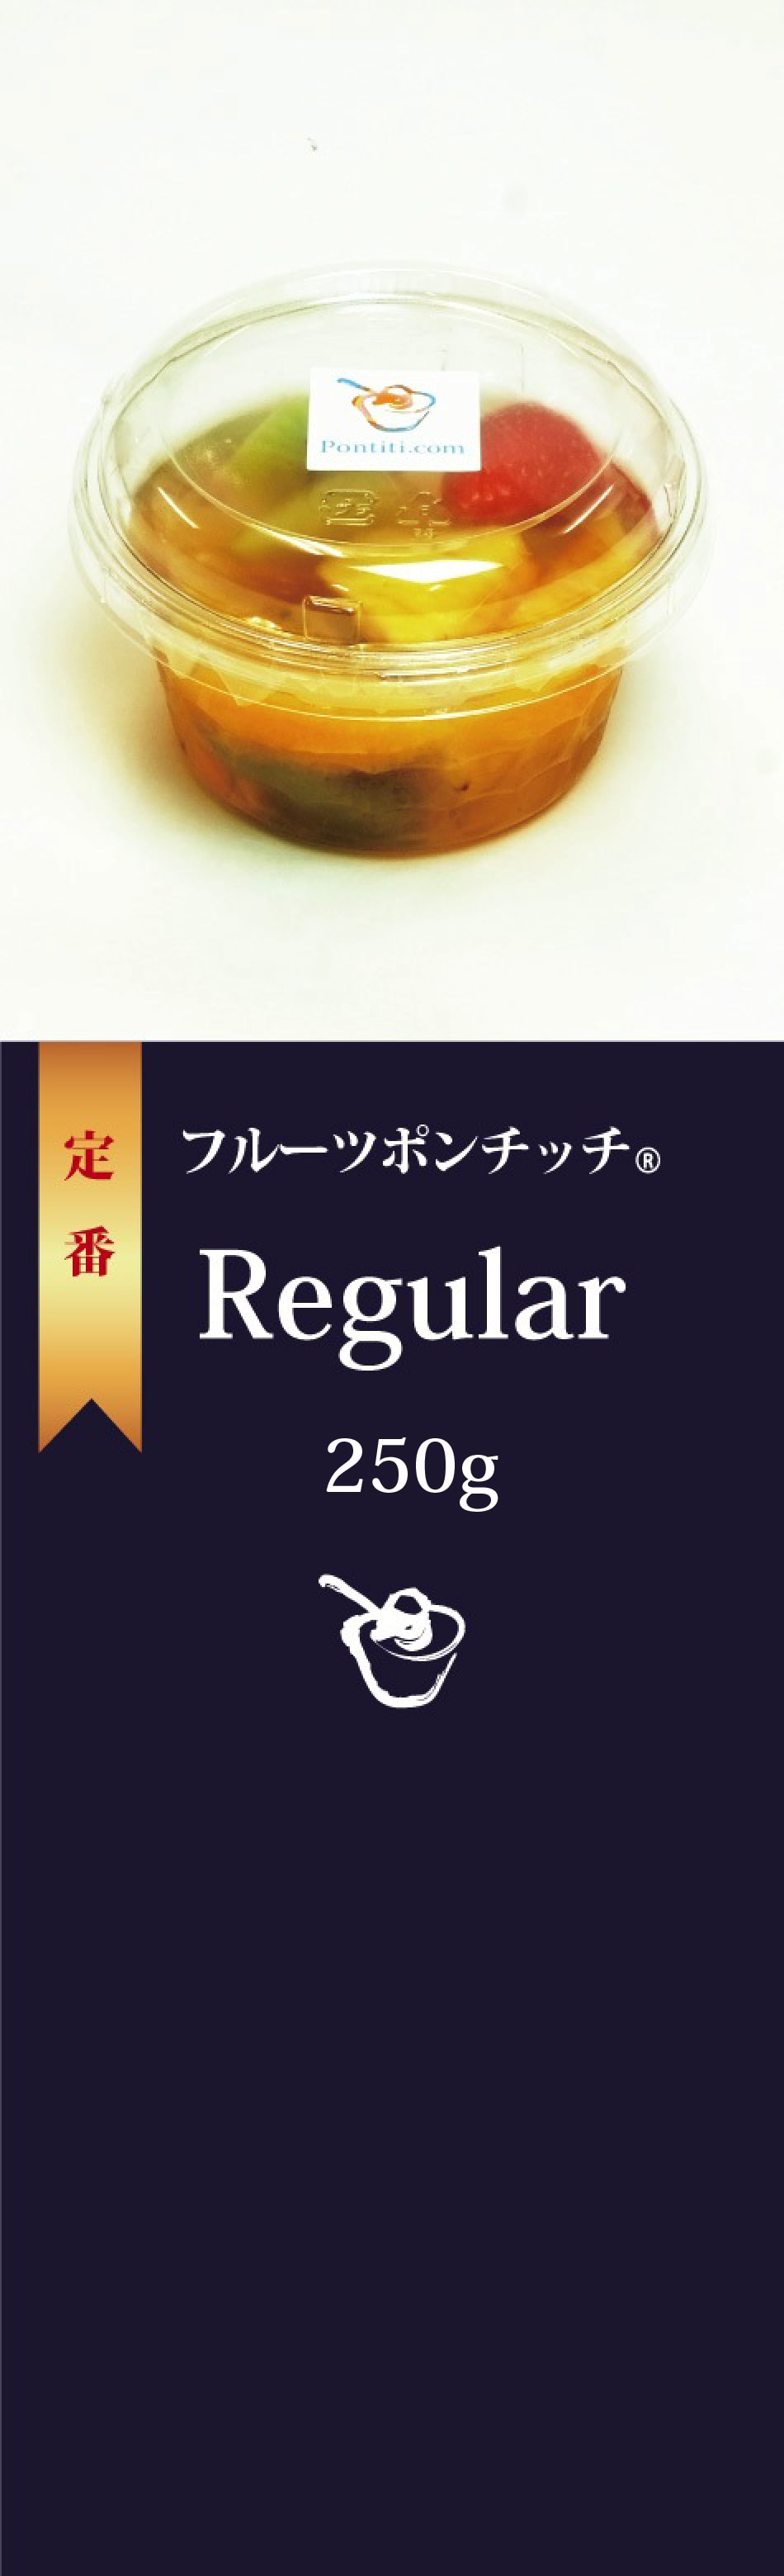 フルーツポンチッチRegular